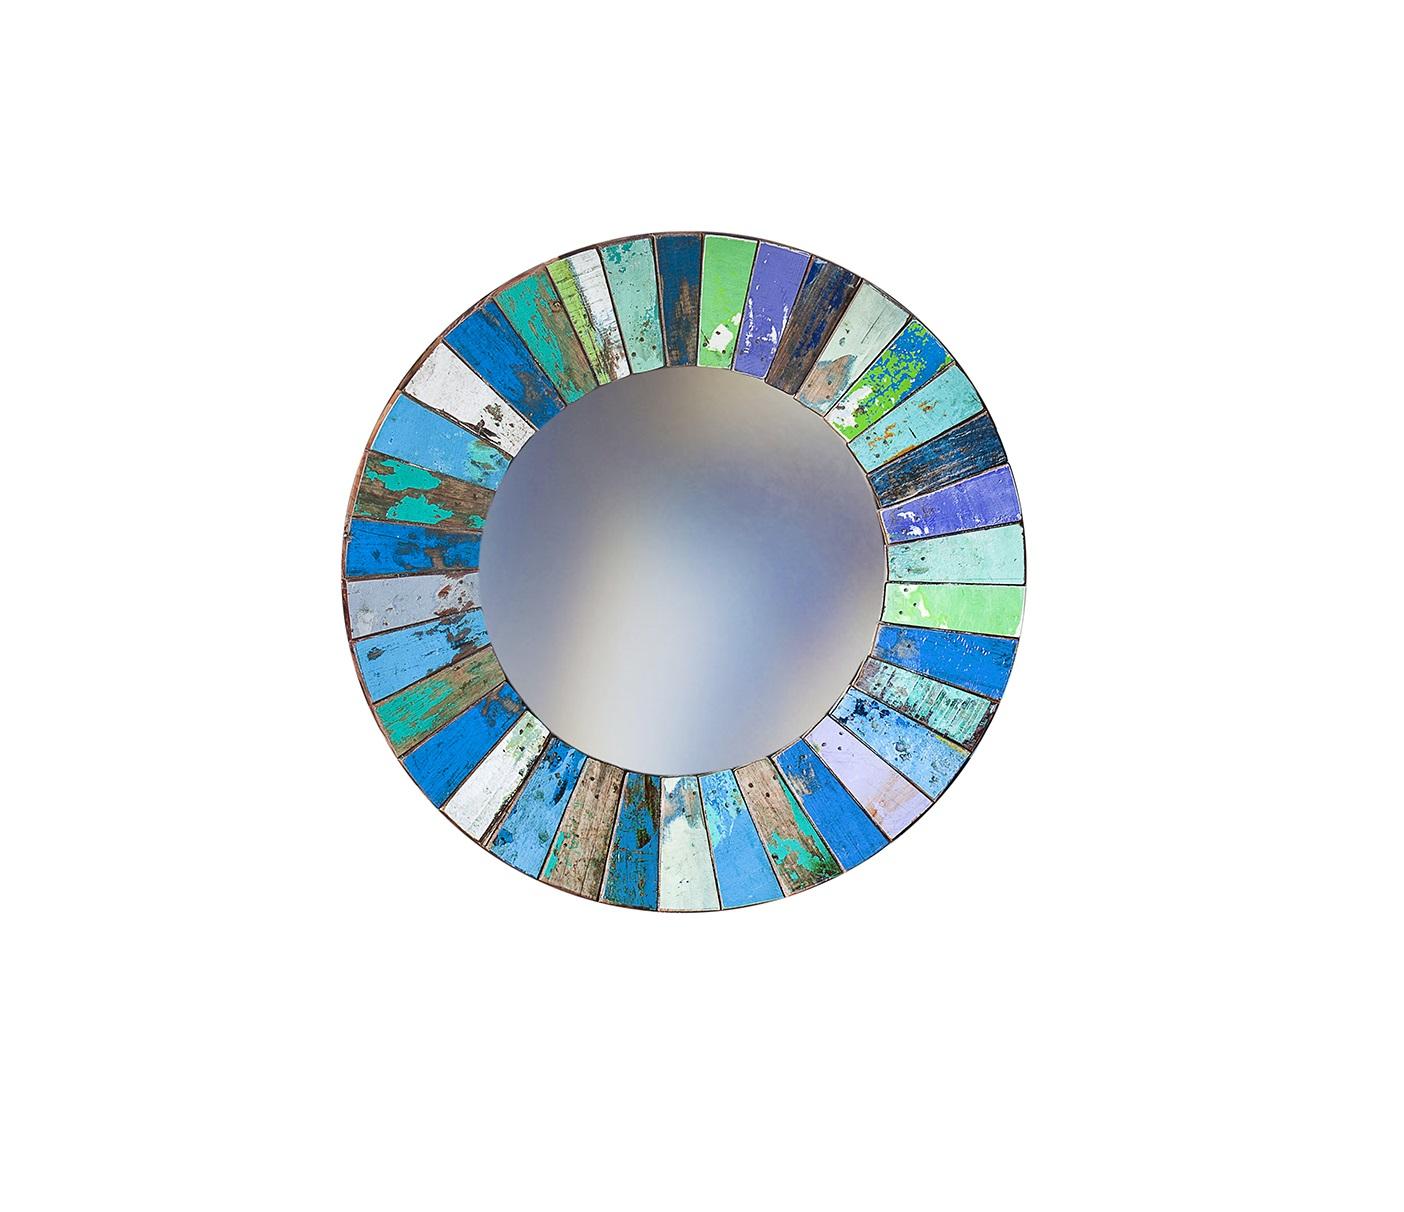 Зеркало КолобокНастенные зеркала<br>Круглое зеркало выполнено из фрагментов настоящего рыболовецкого судна, возраст которого 20-40 лет. Окрас сохранён оригинальный. Диаметр 78 см.<br><br>Material: Тик<br>Глубина см: 4.0